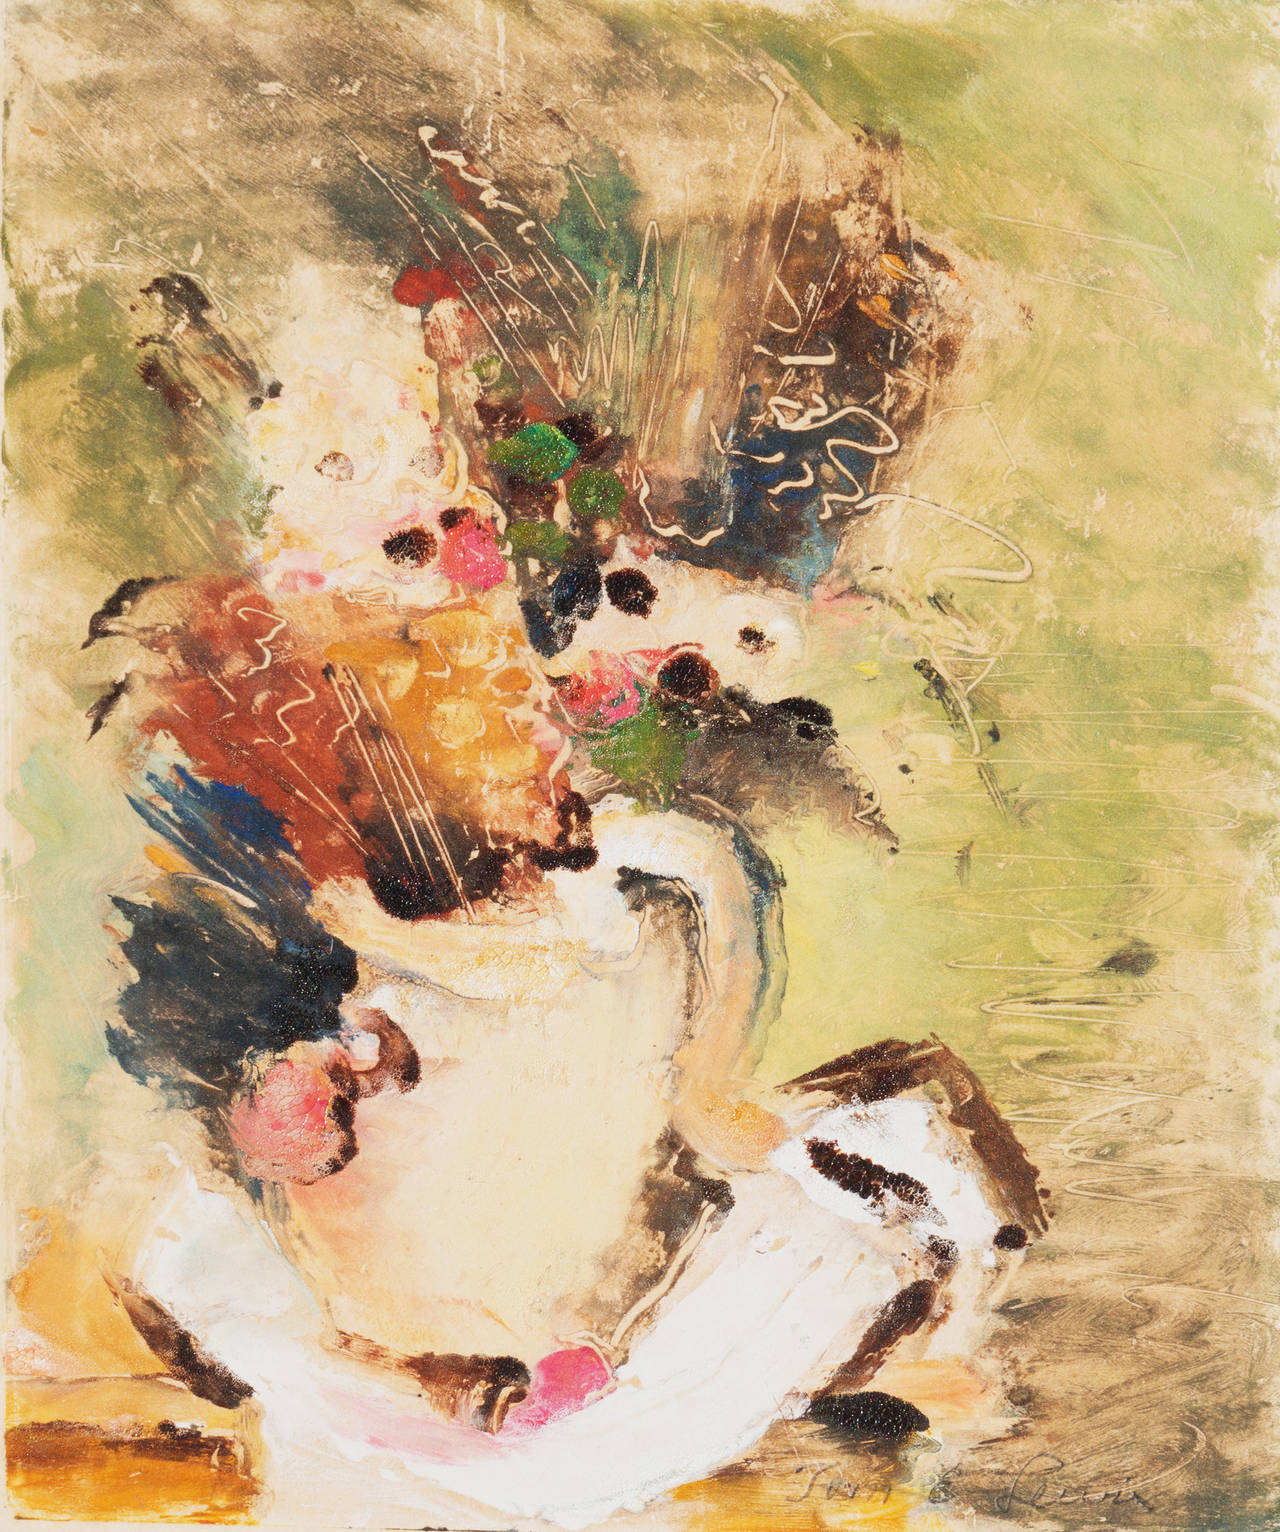 'Still Life of Flowers', San Francisco Bay Area Modernist, NY MOMA, LACMA, AIC